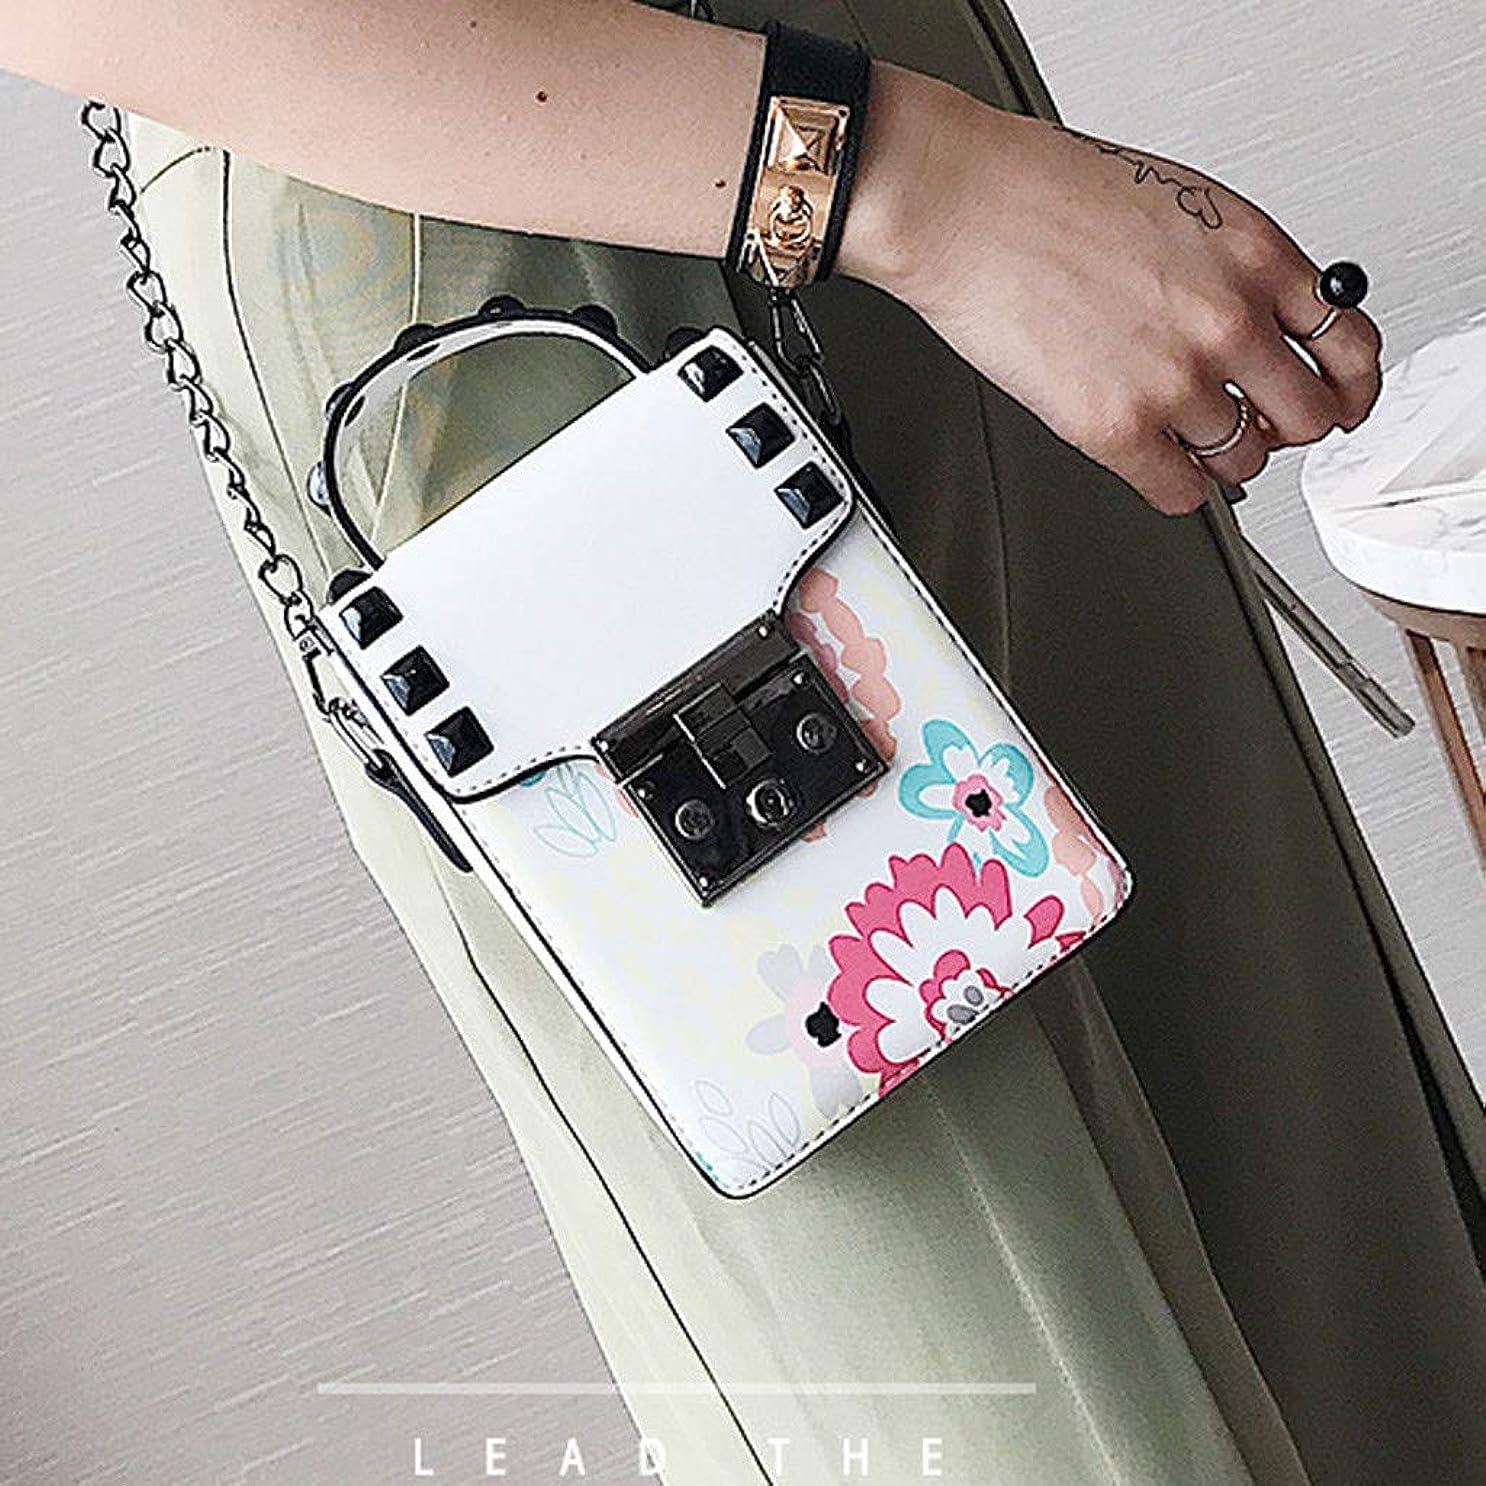 ガム道路大西洋女性印刷リベットチェーンショルダーバッグレディースキャンパススタイルクロスボディバッグ、ファッショントレンド新しいクロスボディバッグ、チェーンレディース小さなバッグ、プリントパターントレンド小さな財布 (白)